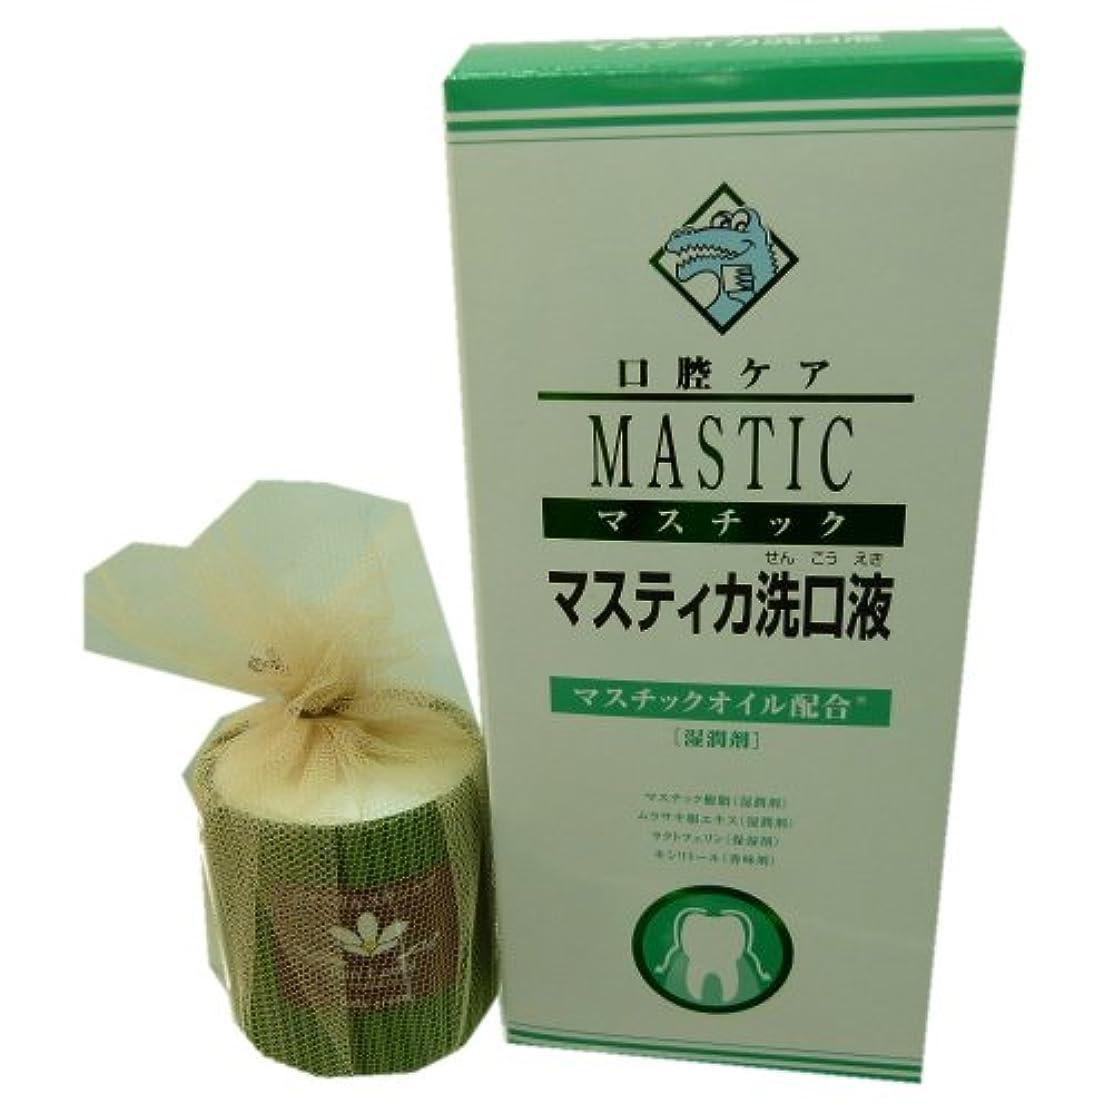 ジャンクションミル付き添い人マスティカ洗口液+RaviLankaテミナリアボディクリーム